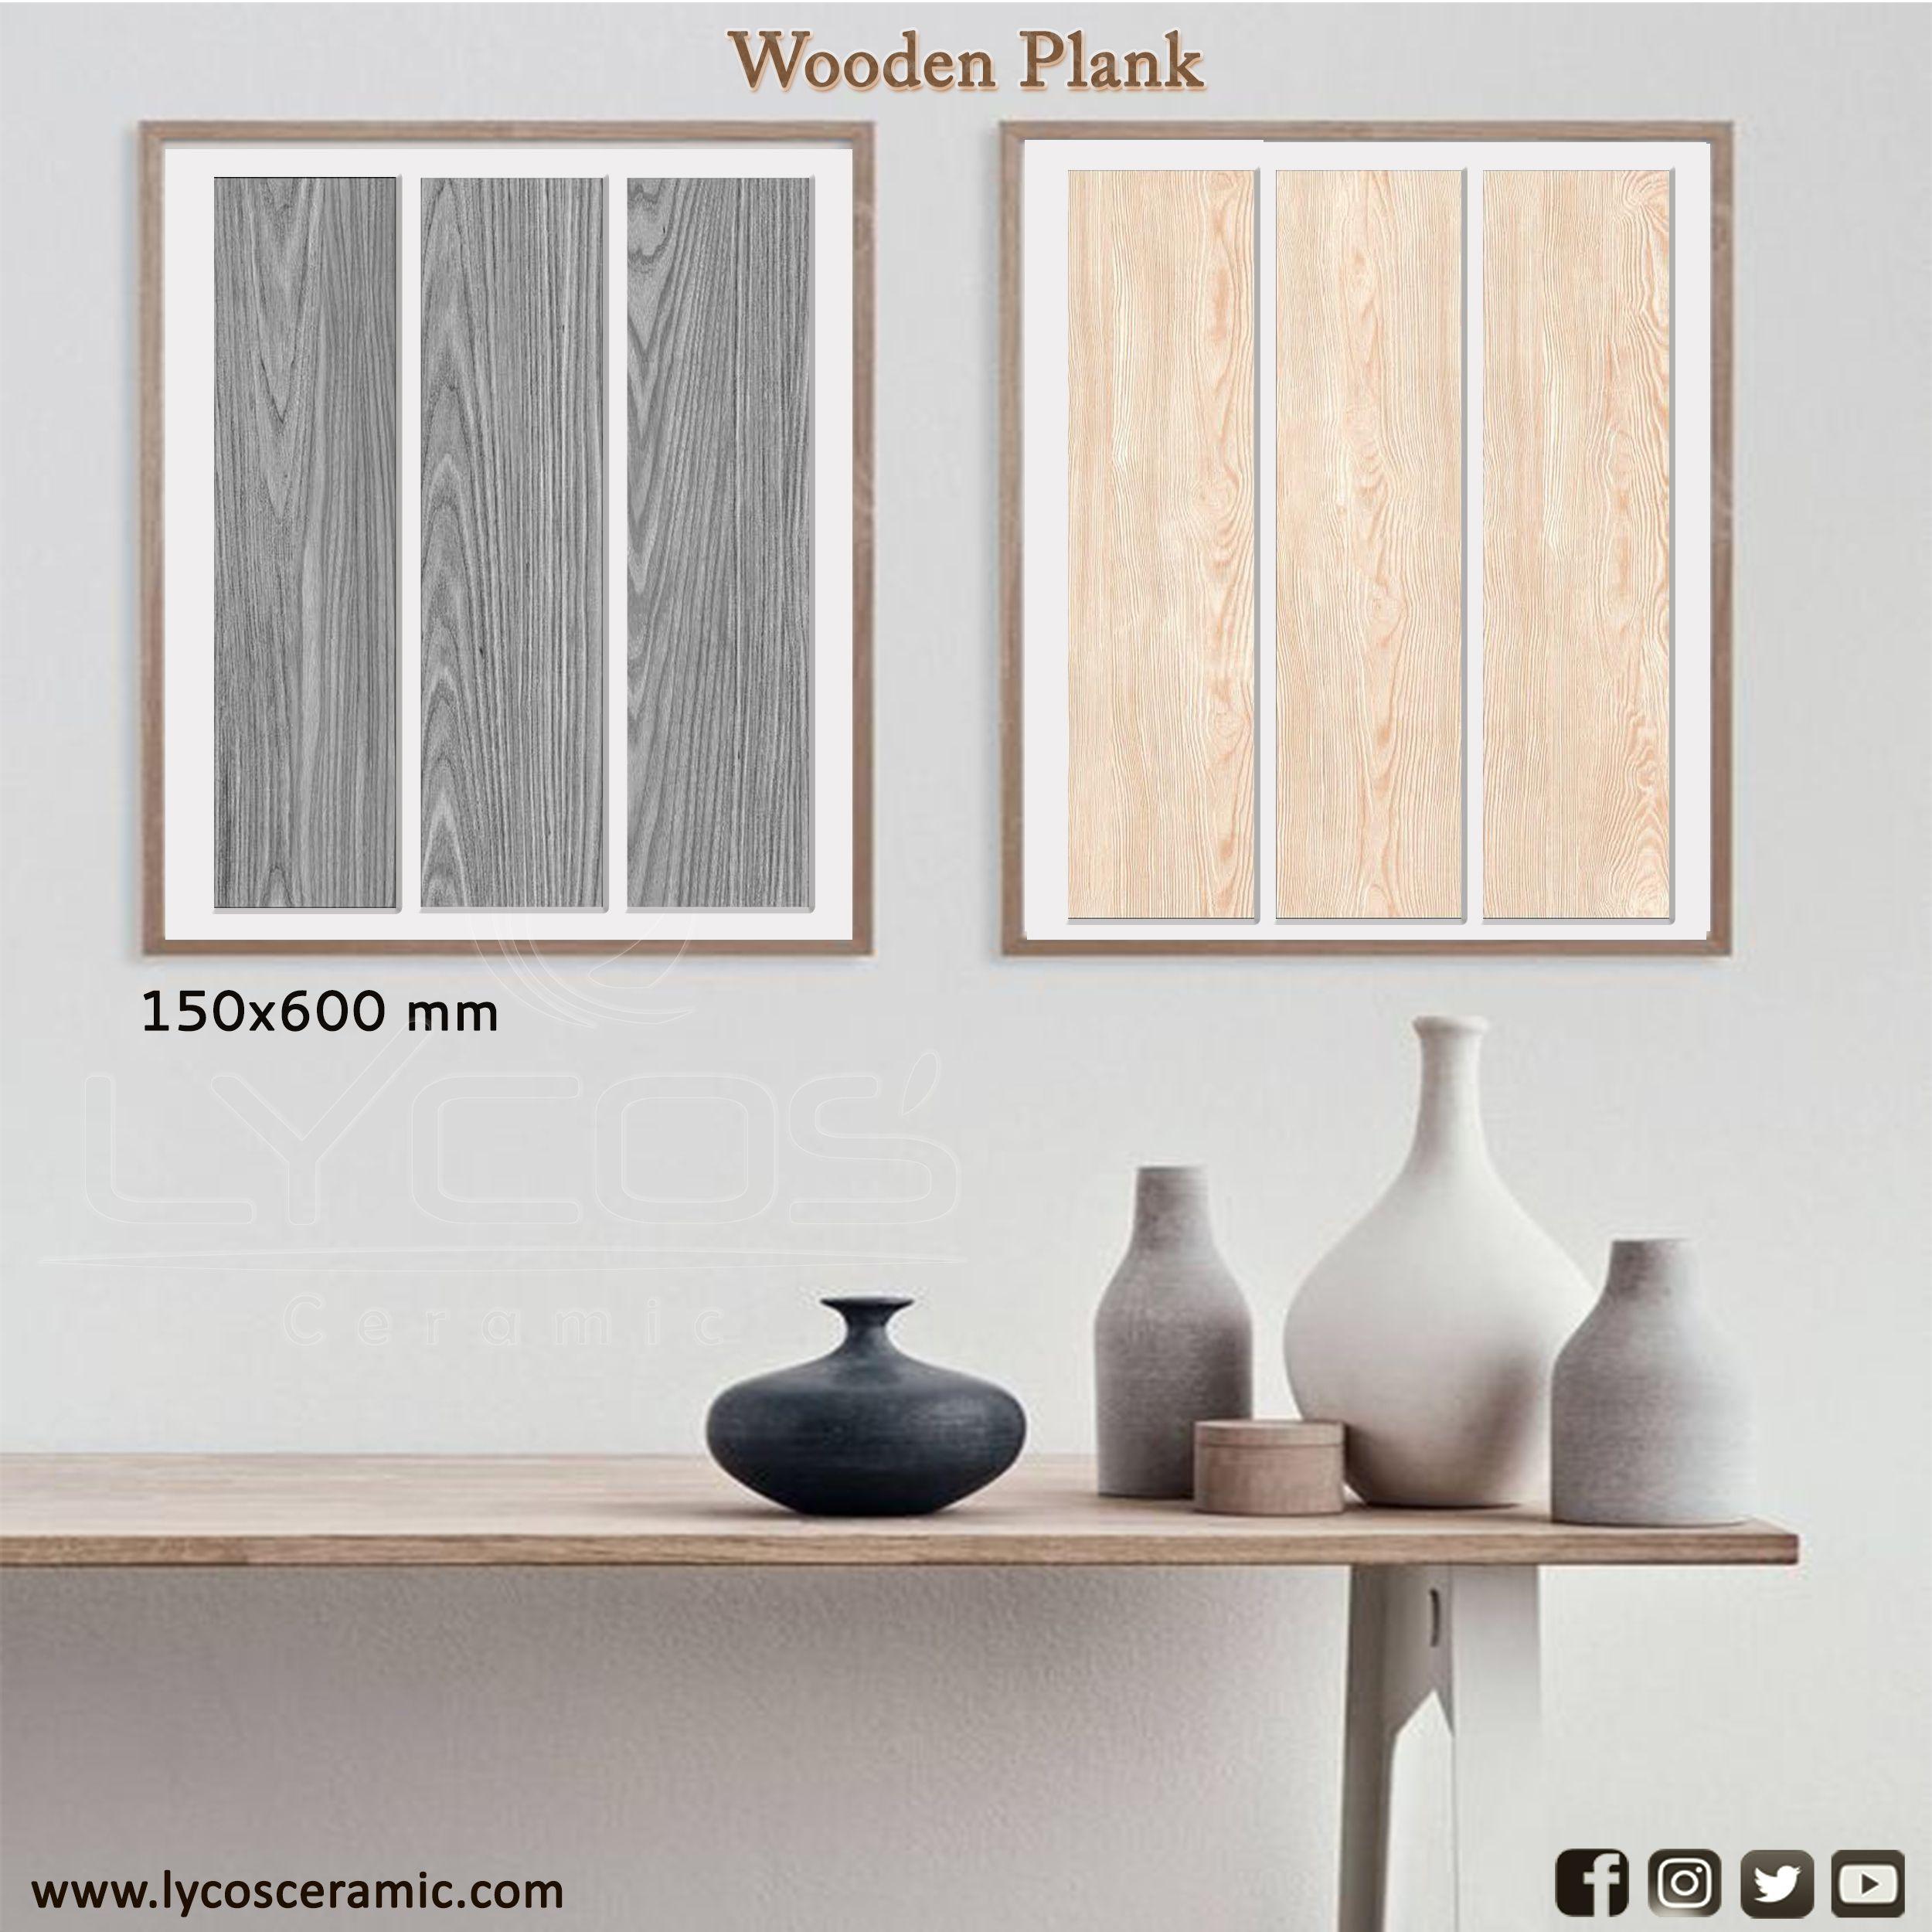 Porcelain Floor Tile 15x60 CM in 2020 Porcelain flooring